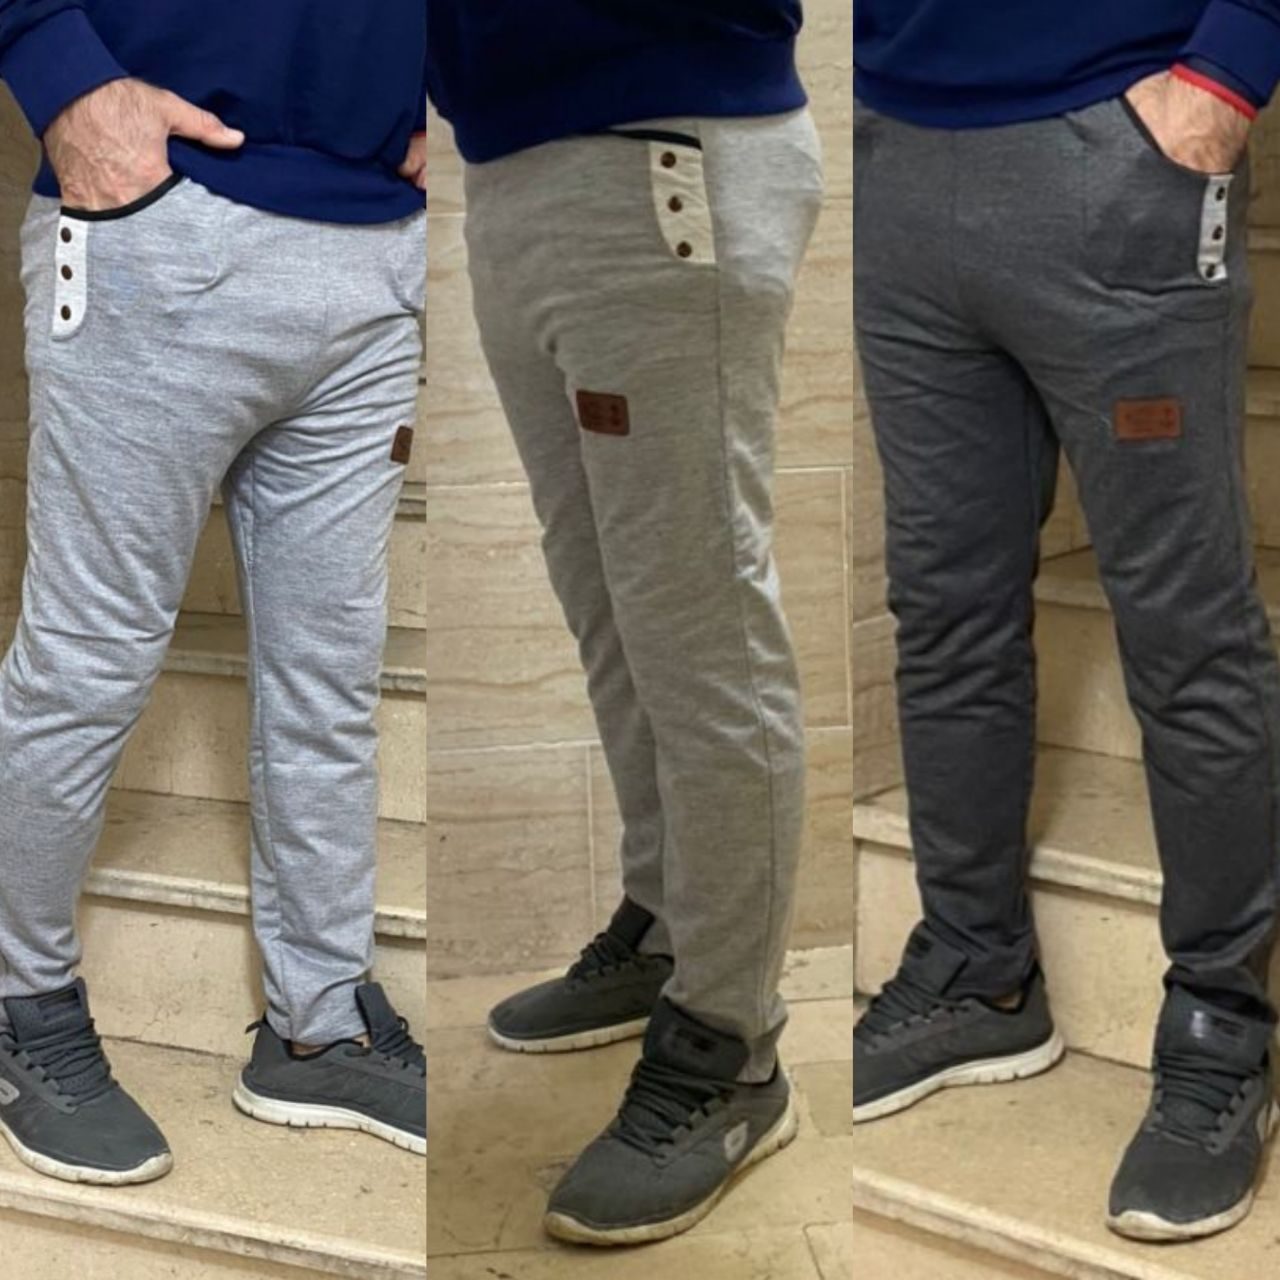 تصویر 👖شلوار اساس مردانه - 100 / خاکستری 1 ا Man pants Man pants